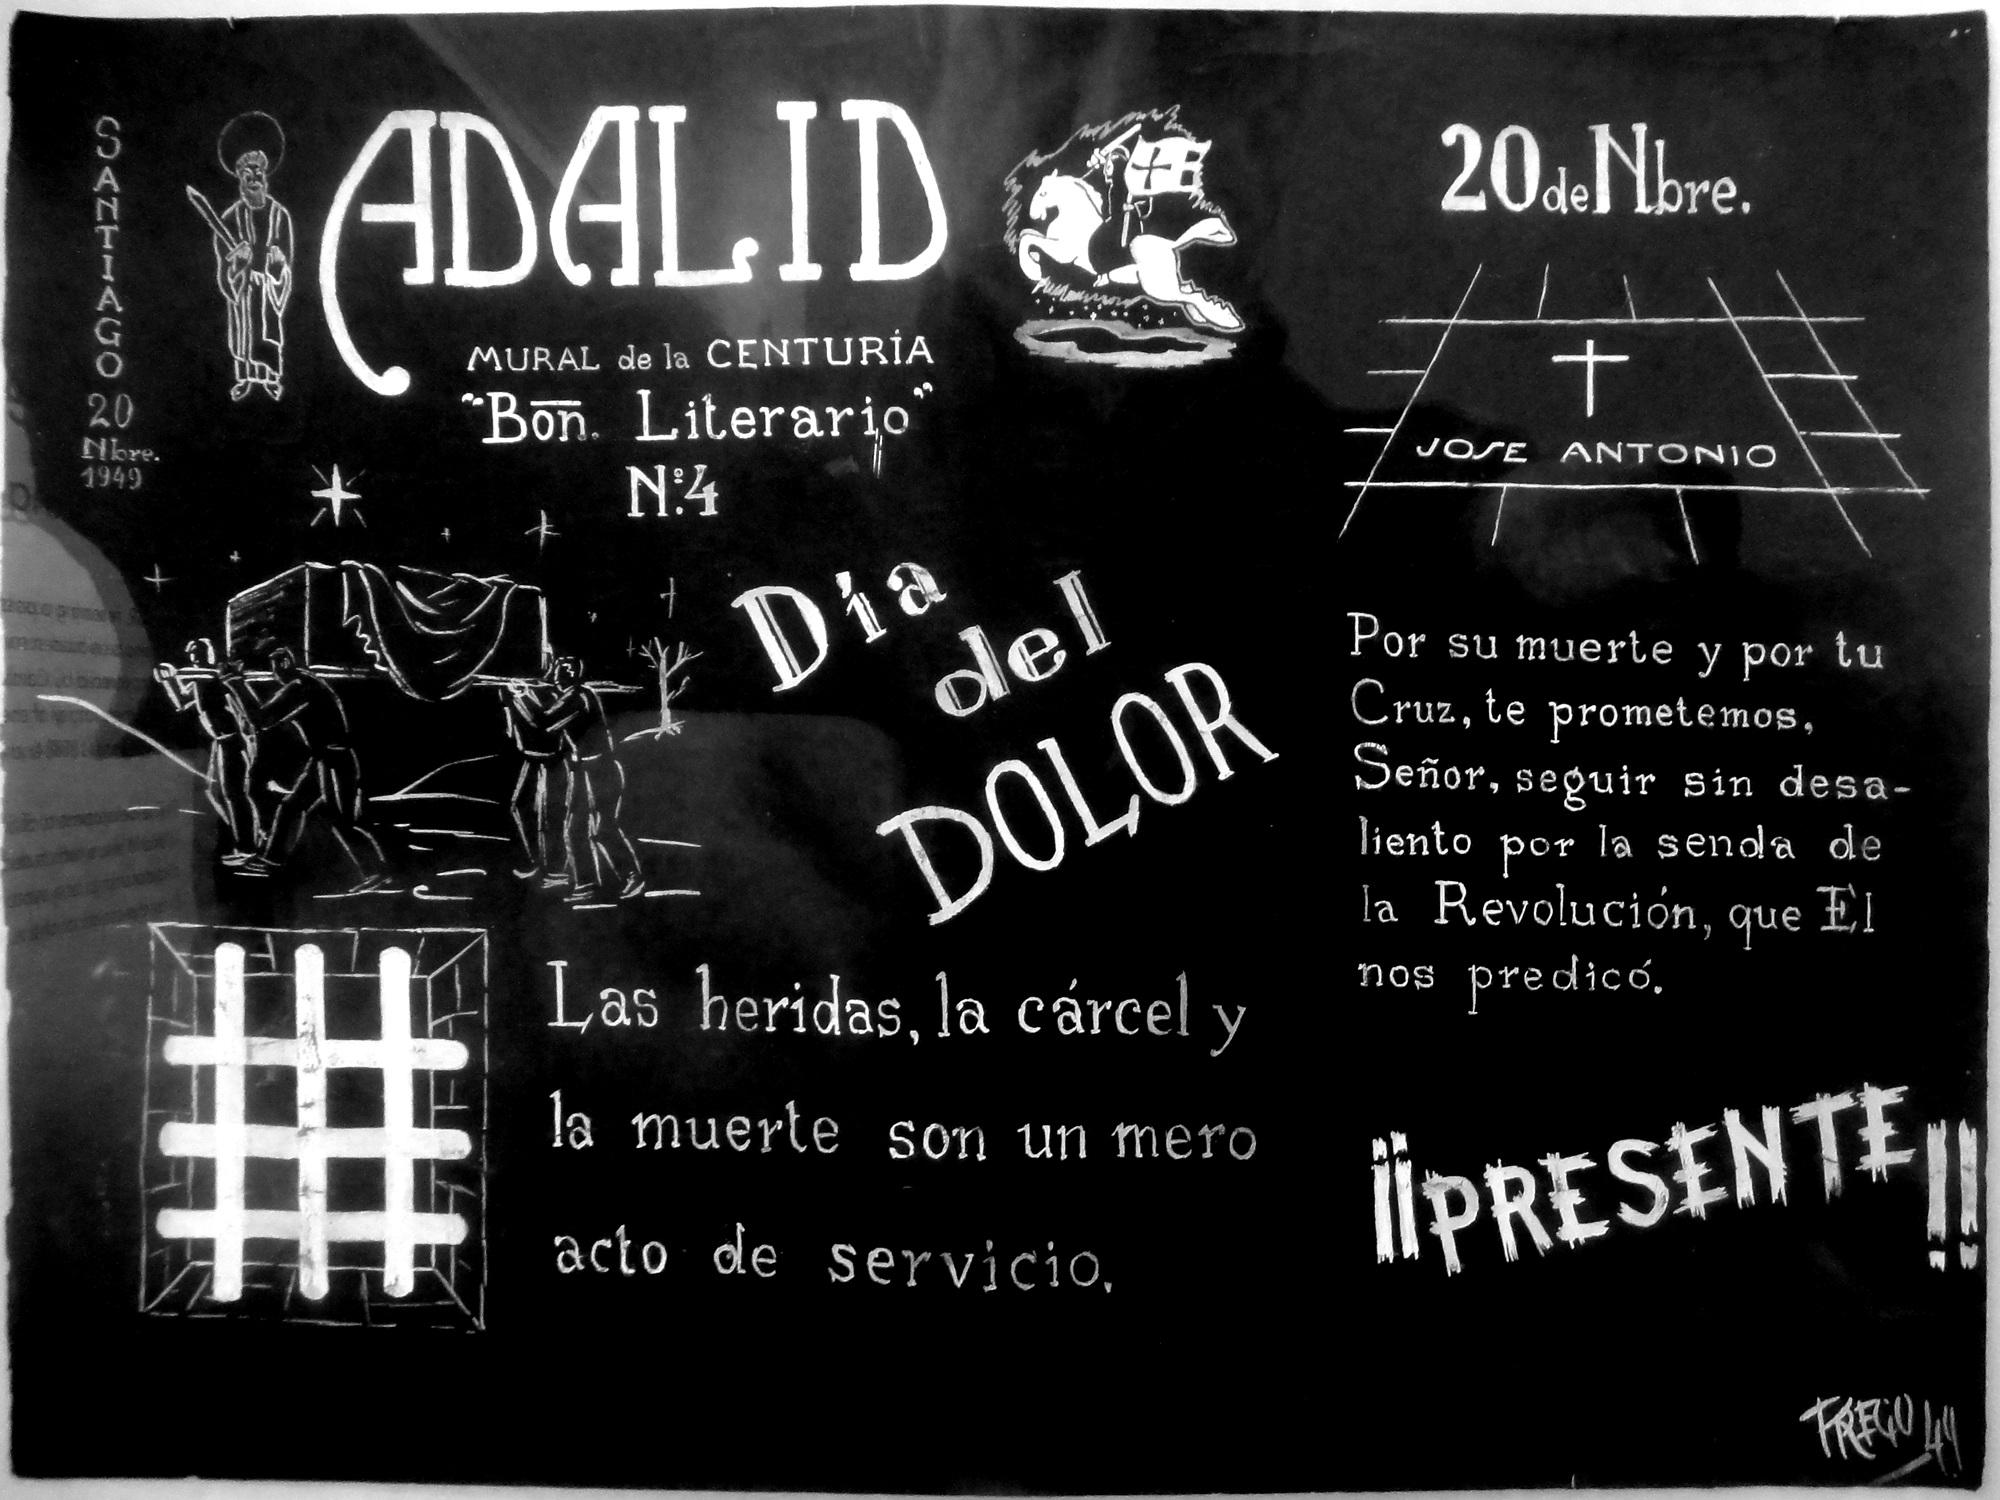 1949-20denoviembre